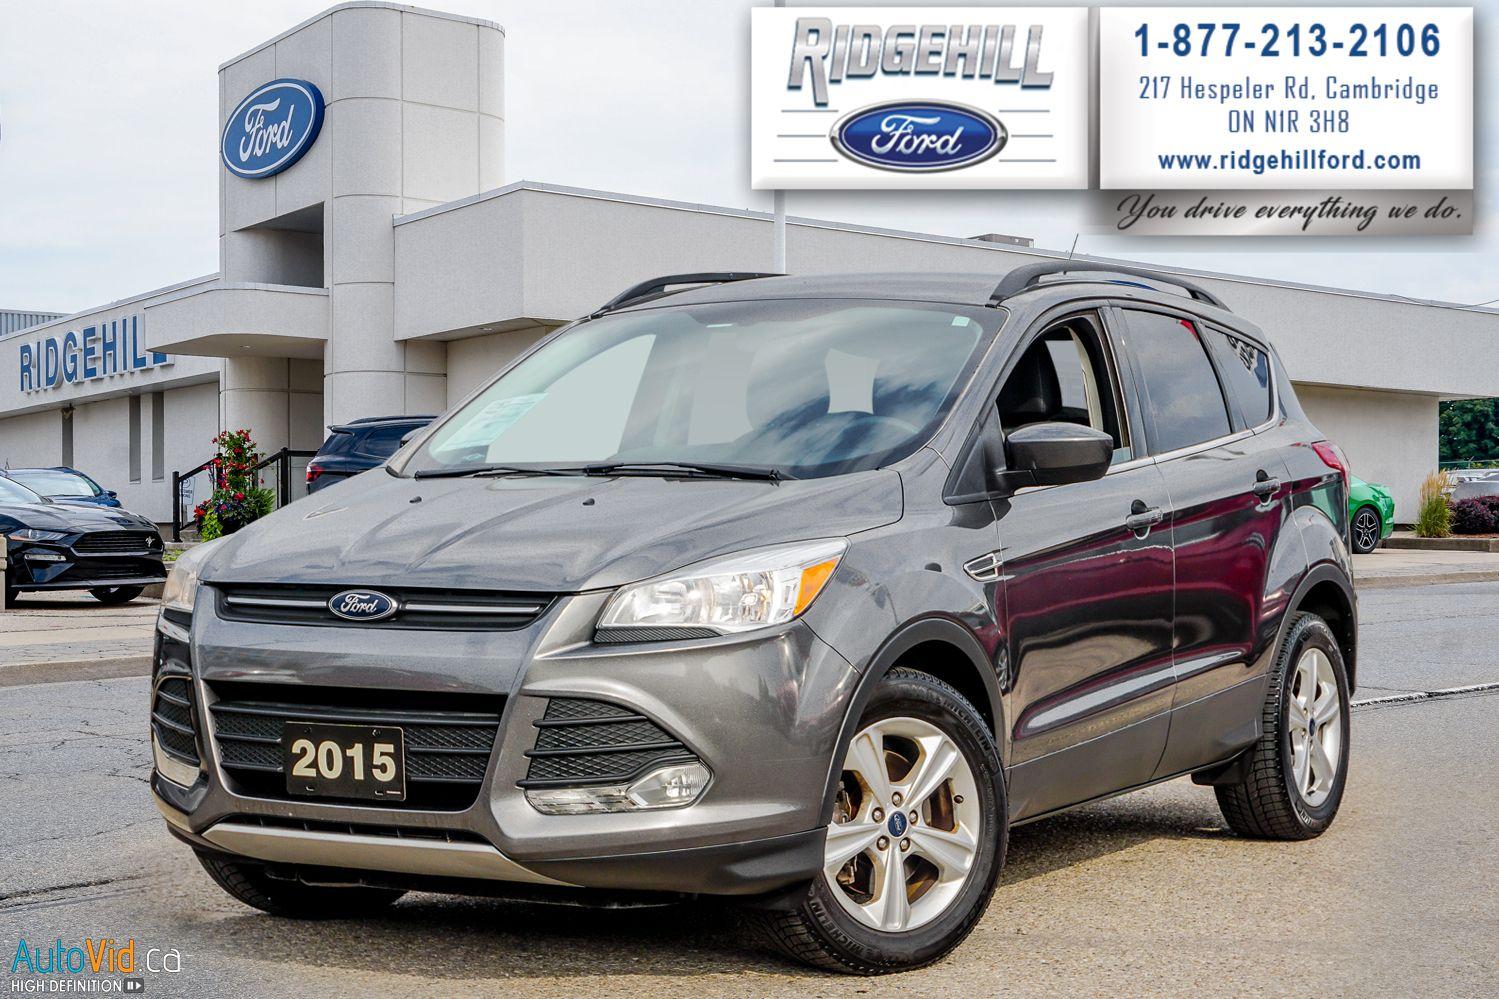 2015 Ford Escape Image